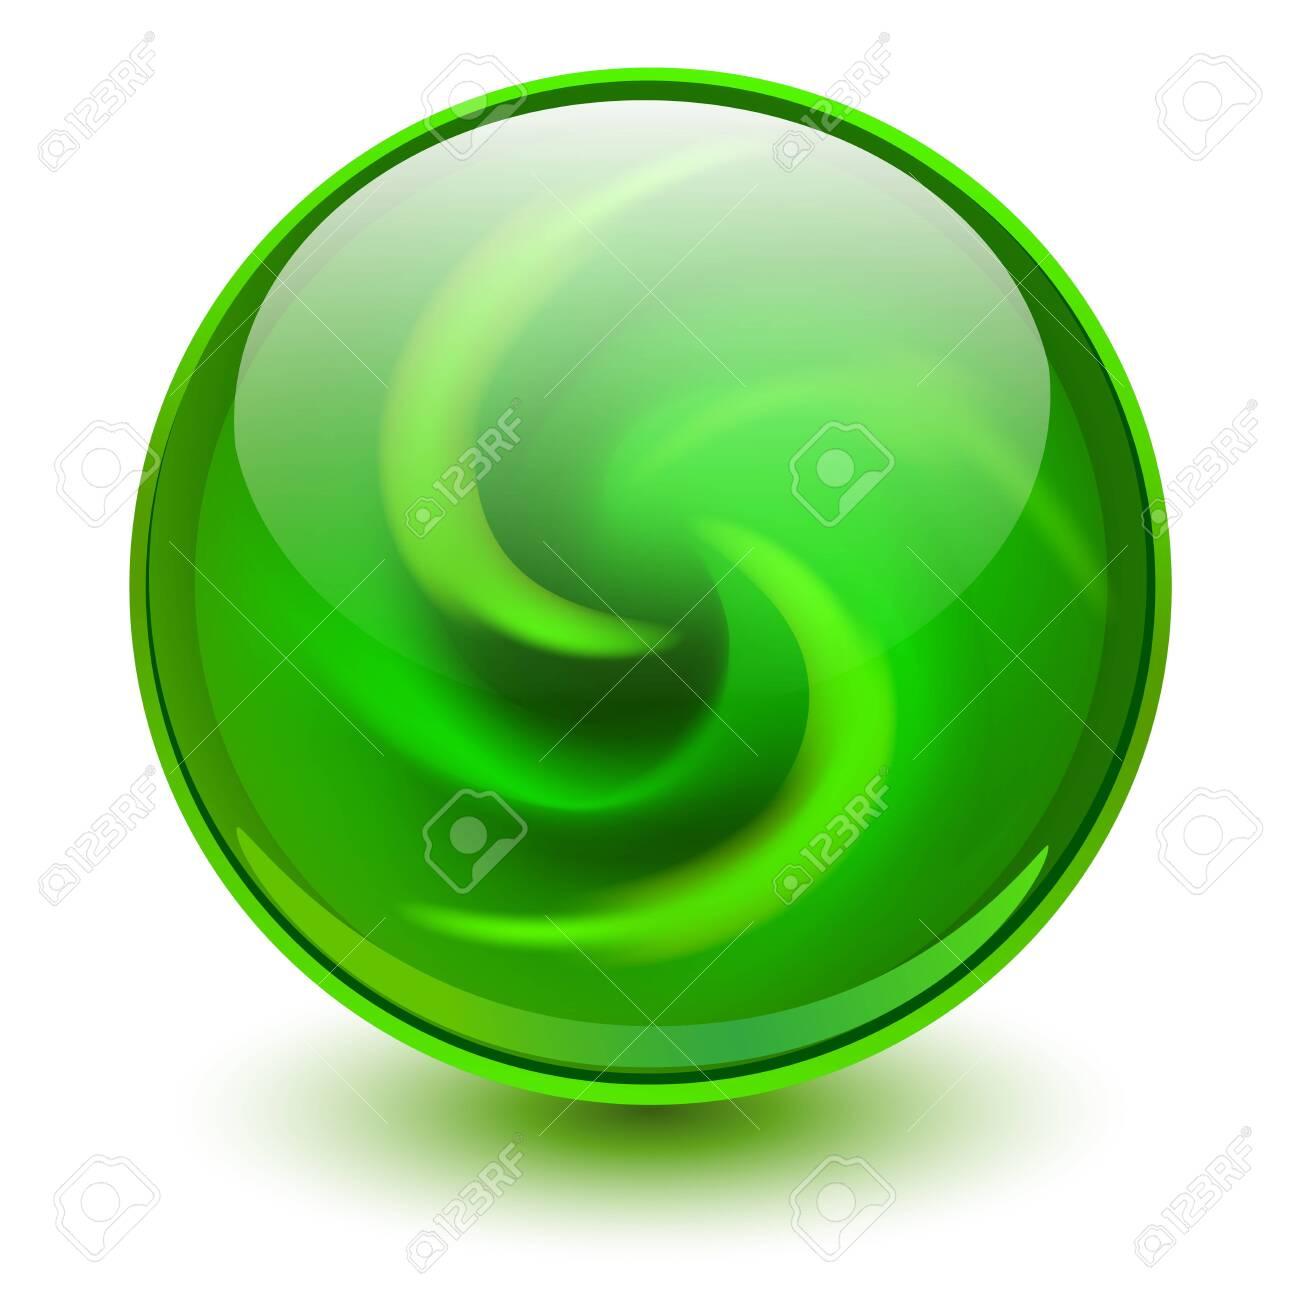 Green glass sphere, 3D marble ball, vector illustration. - 129944249